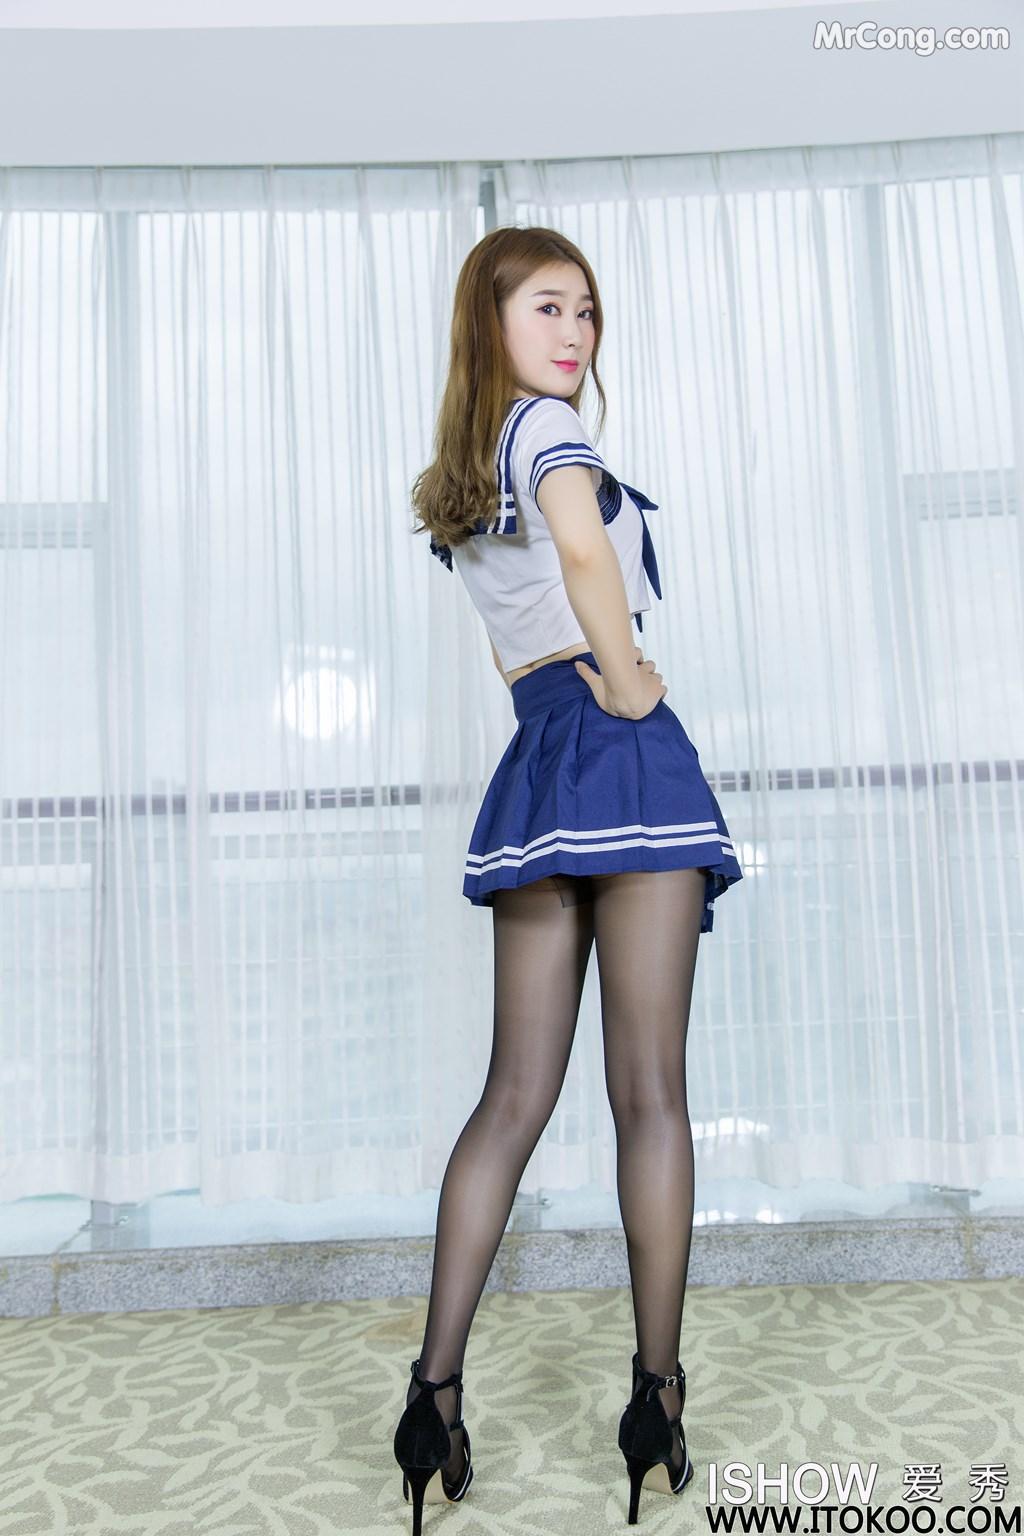 Image ISHOW-No.154-Zhou-Xiao-Bai-MrCong.com-003 in post ISHOW No.154: Người mẫu Zhou Xiao Bai (周小白) (31 ảnh)